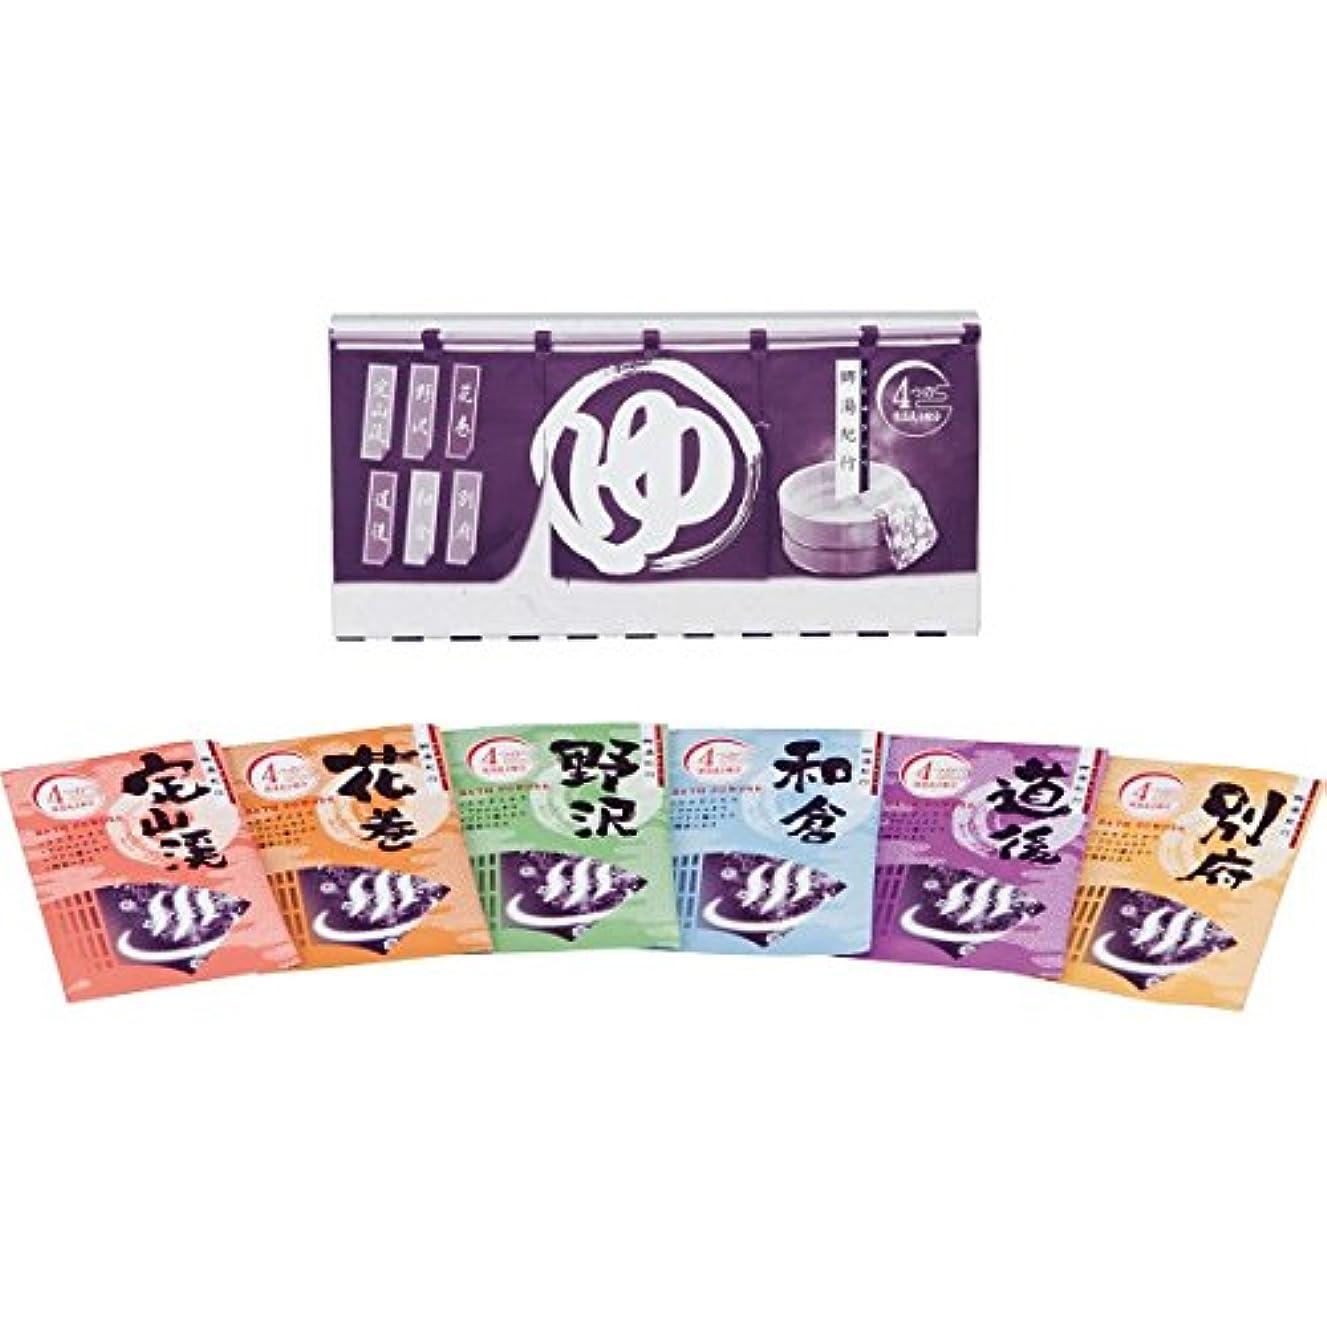 不定カフェテリア癌薬用入浴剤 郷湯紀行(6包入) 6SS506